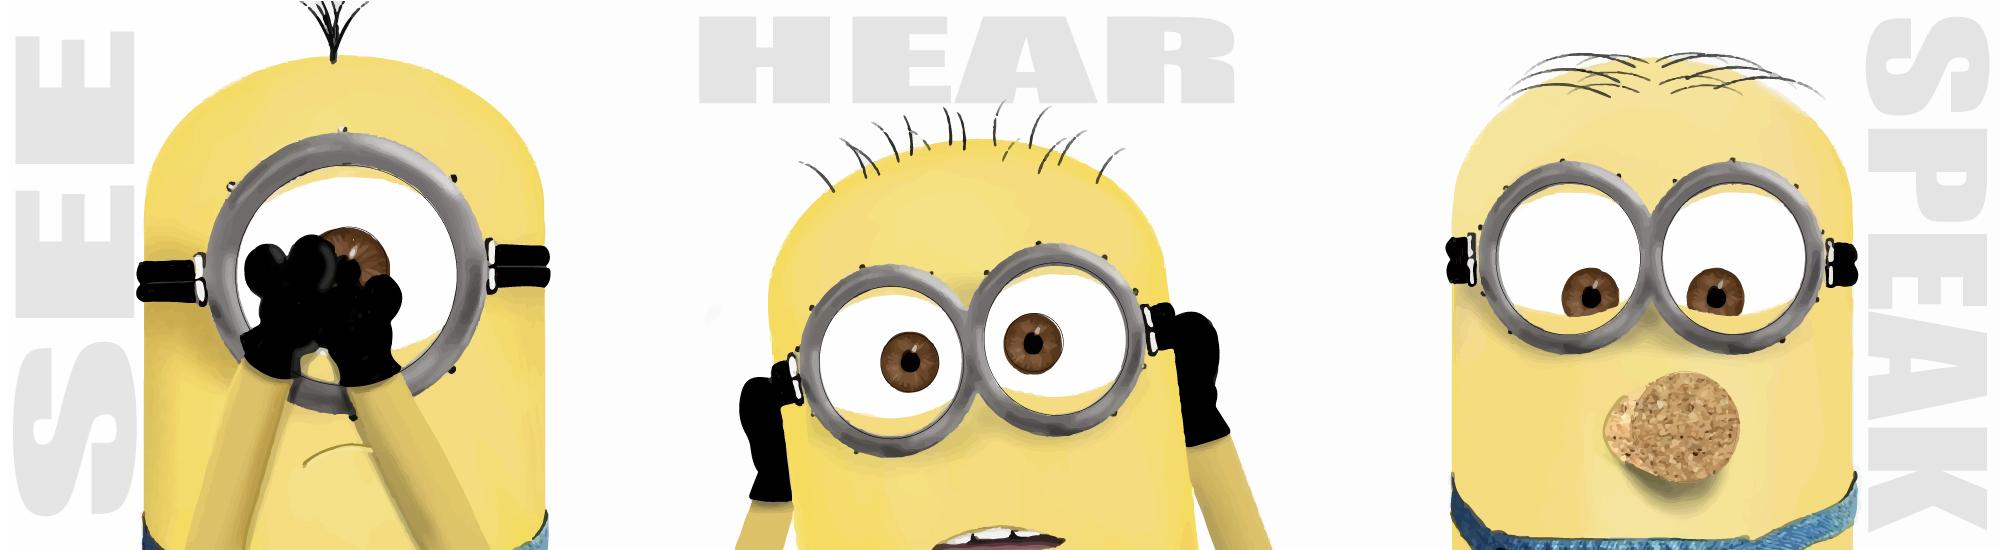 No Evil See No Evil Speak No Evil Cartoon See-no-evil-hear-no-evil    See No Evil Hear No Evil Speak No Evil